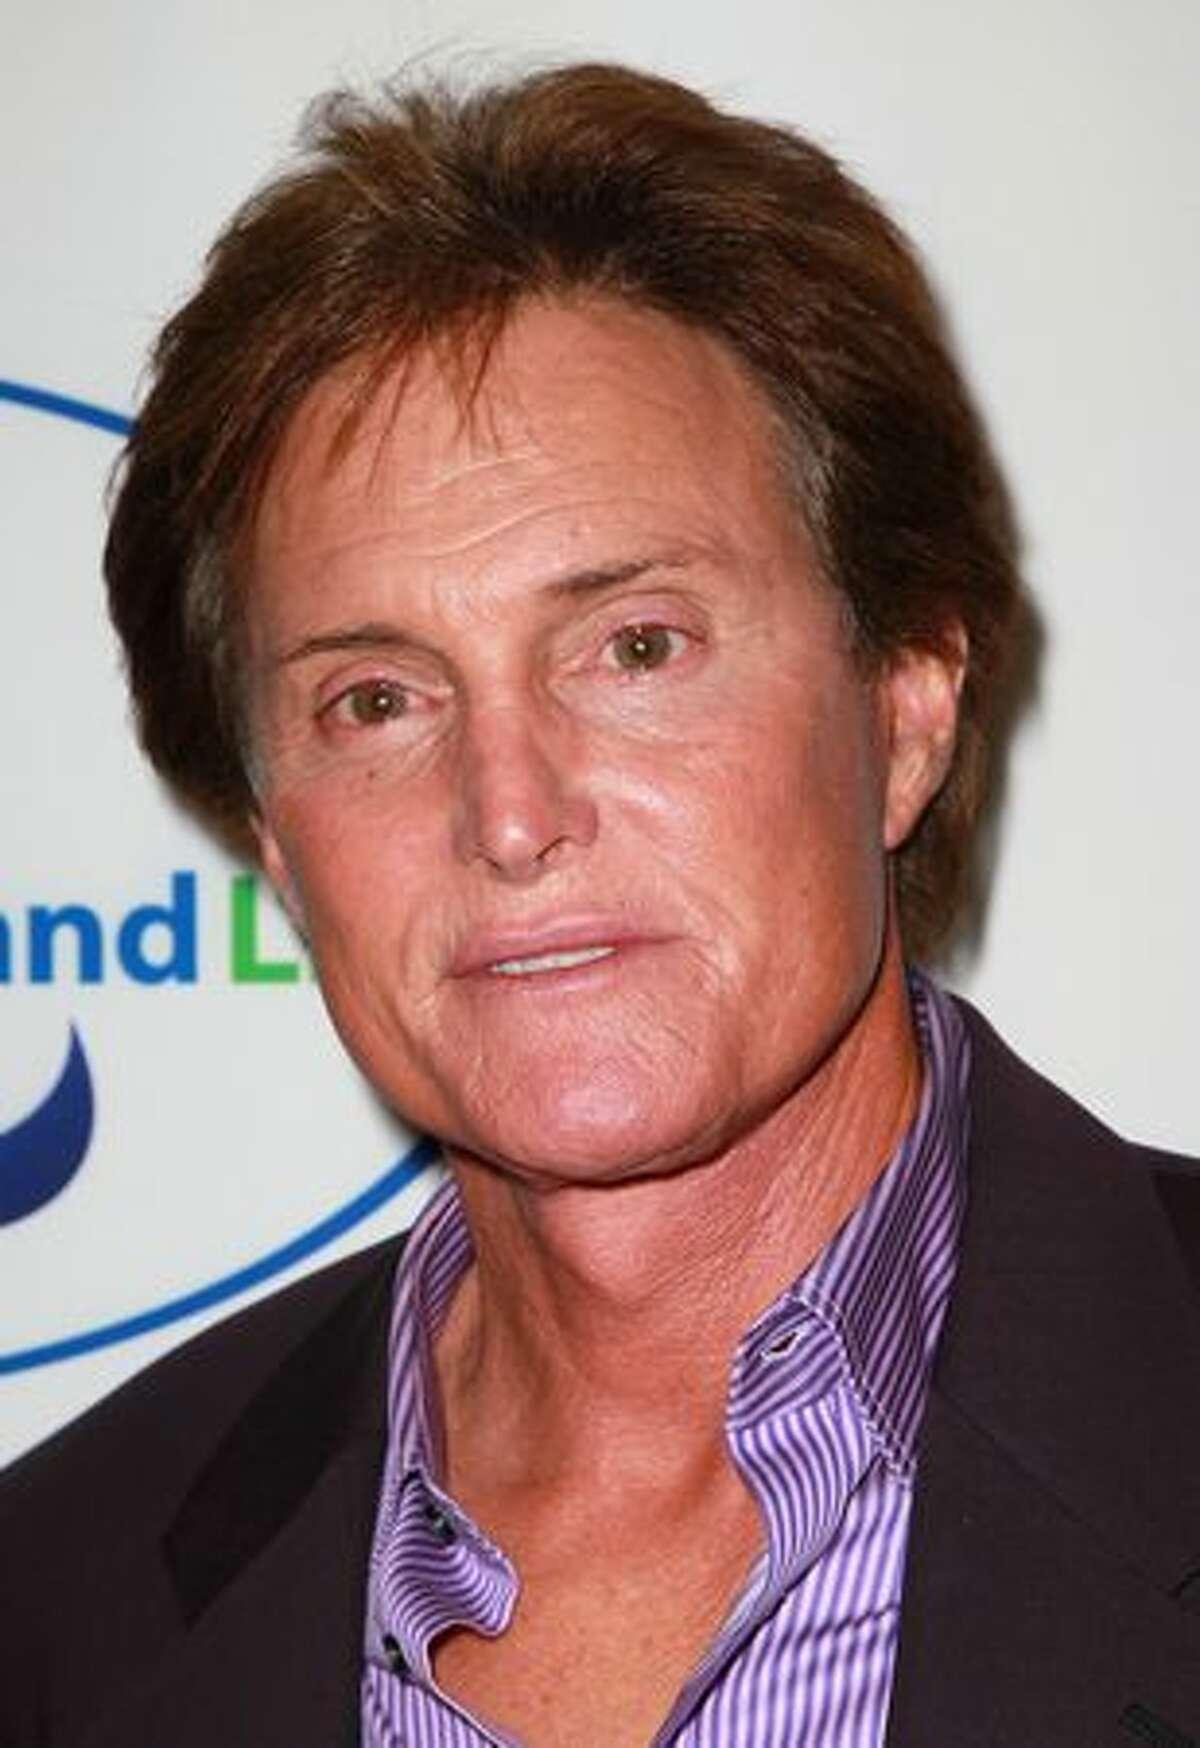 Bruce Jenner in 2010.